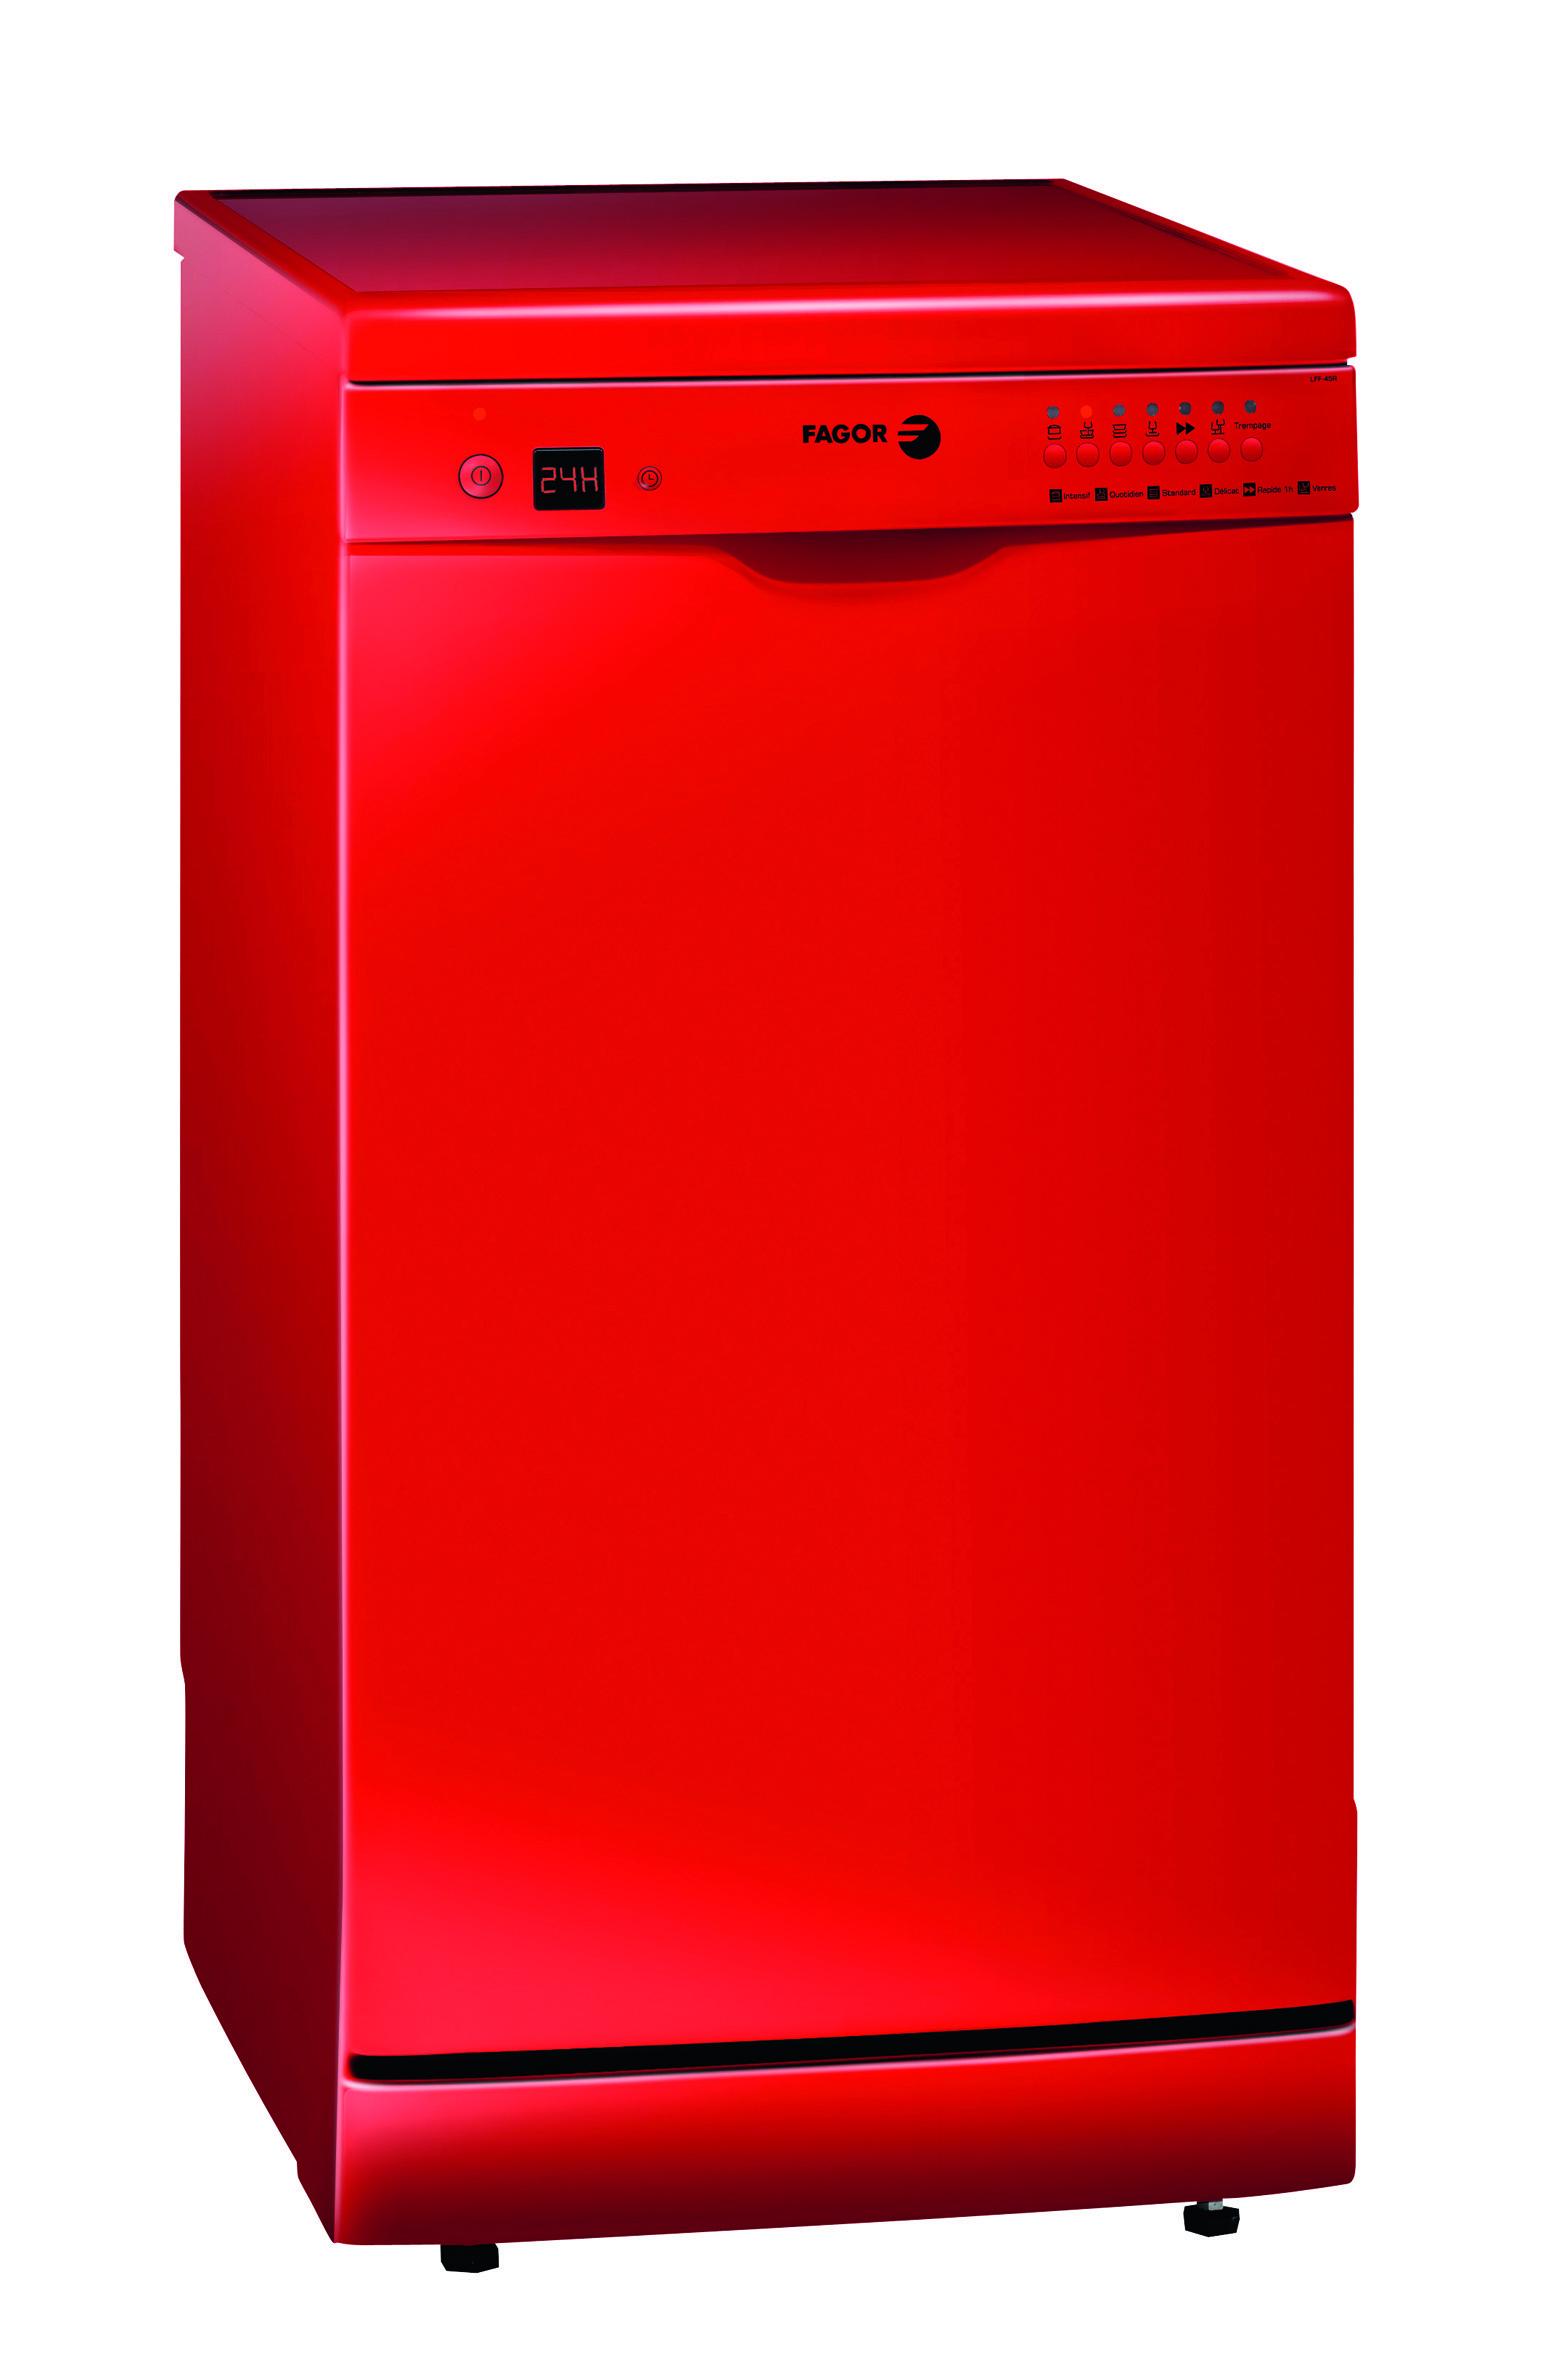 les lave vaisselle de fagor voient rouge ou. Black Bedroom Furniture Sets. Home Design Ideas